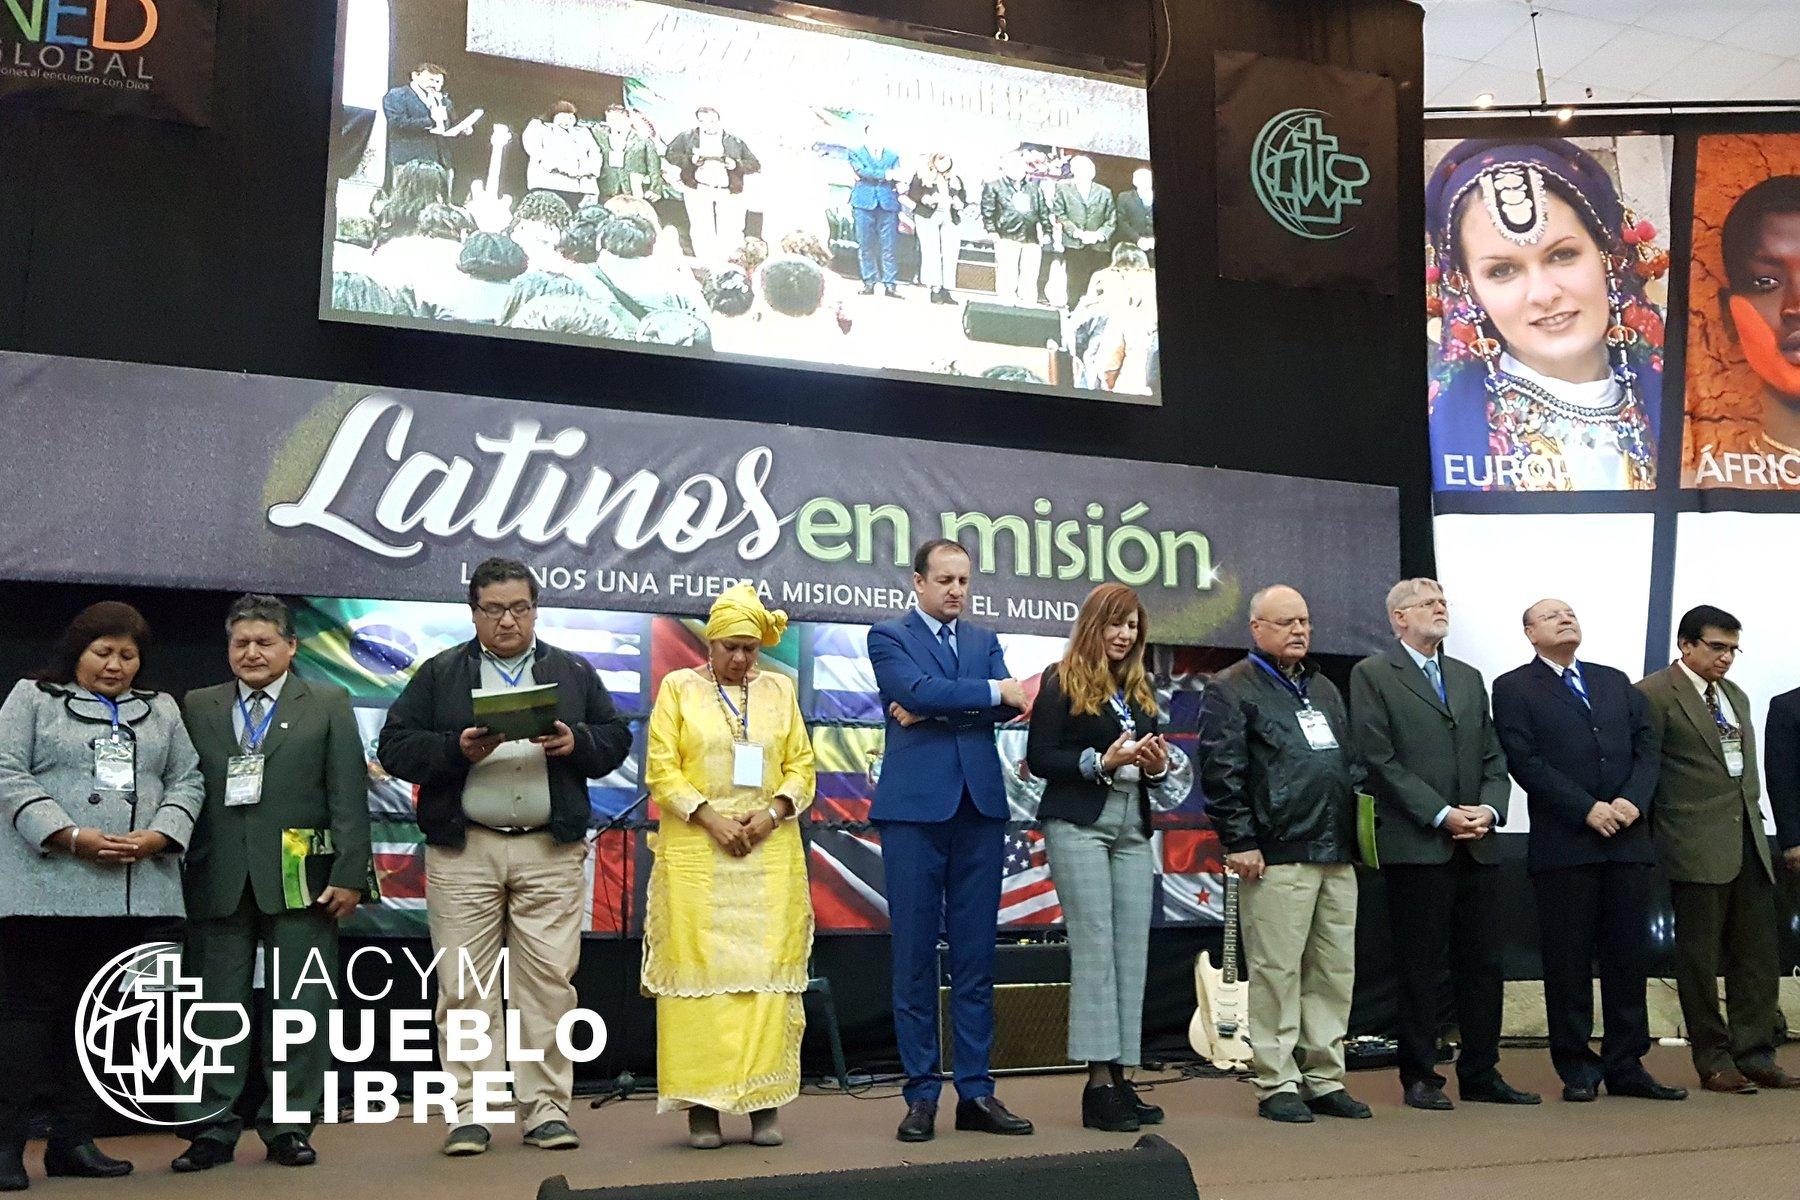 congreso misionero latinos en mision 2018